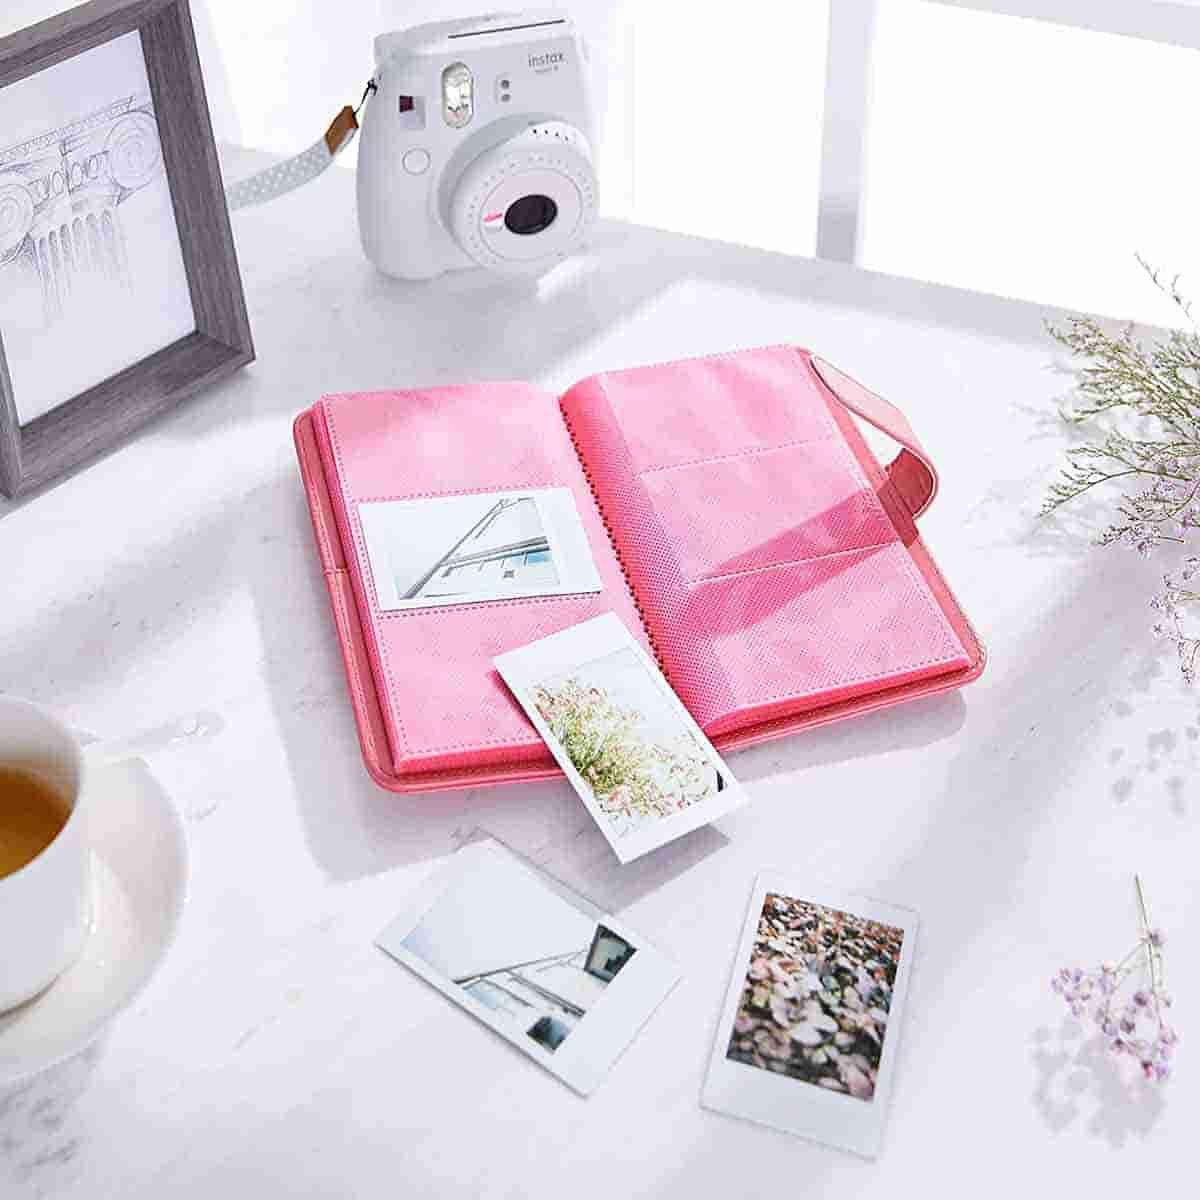 albumes de fotos color rosa